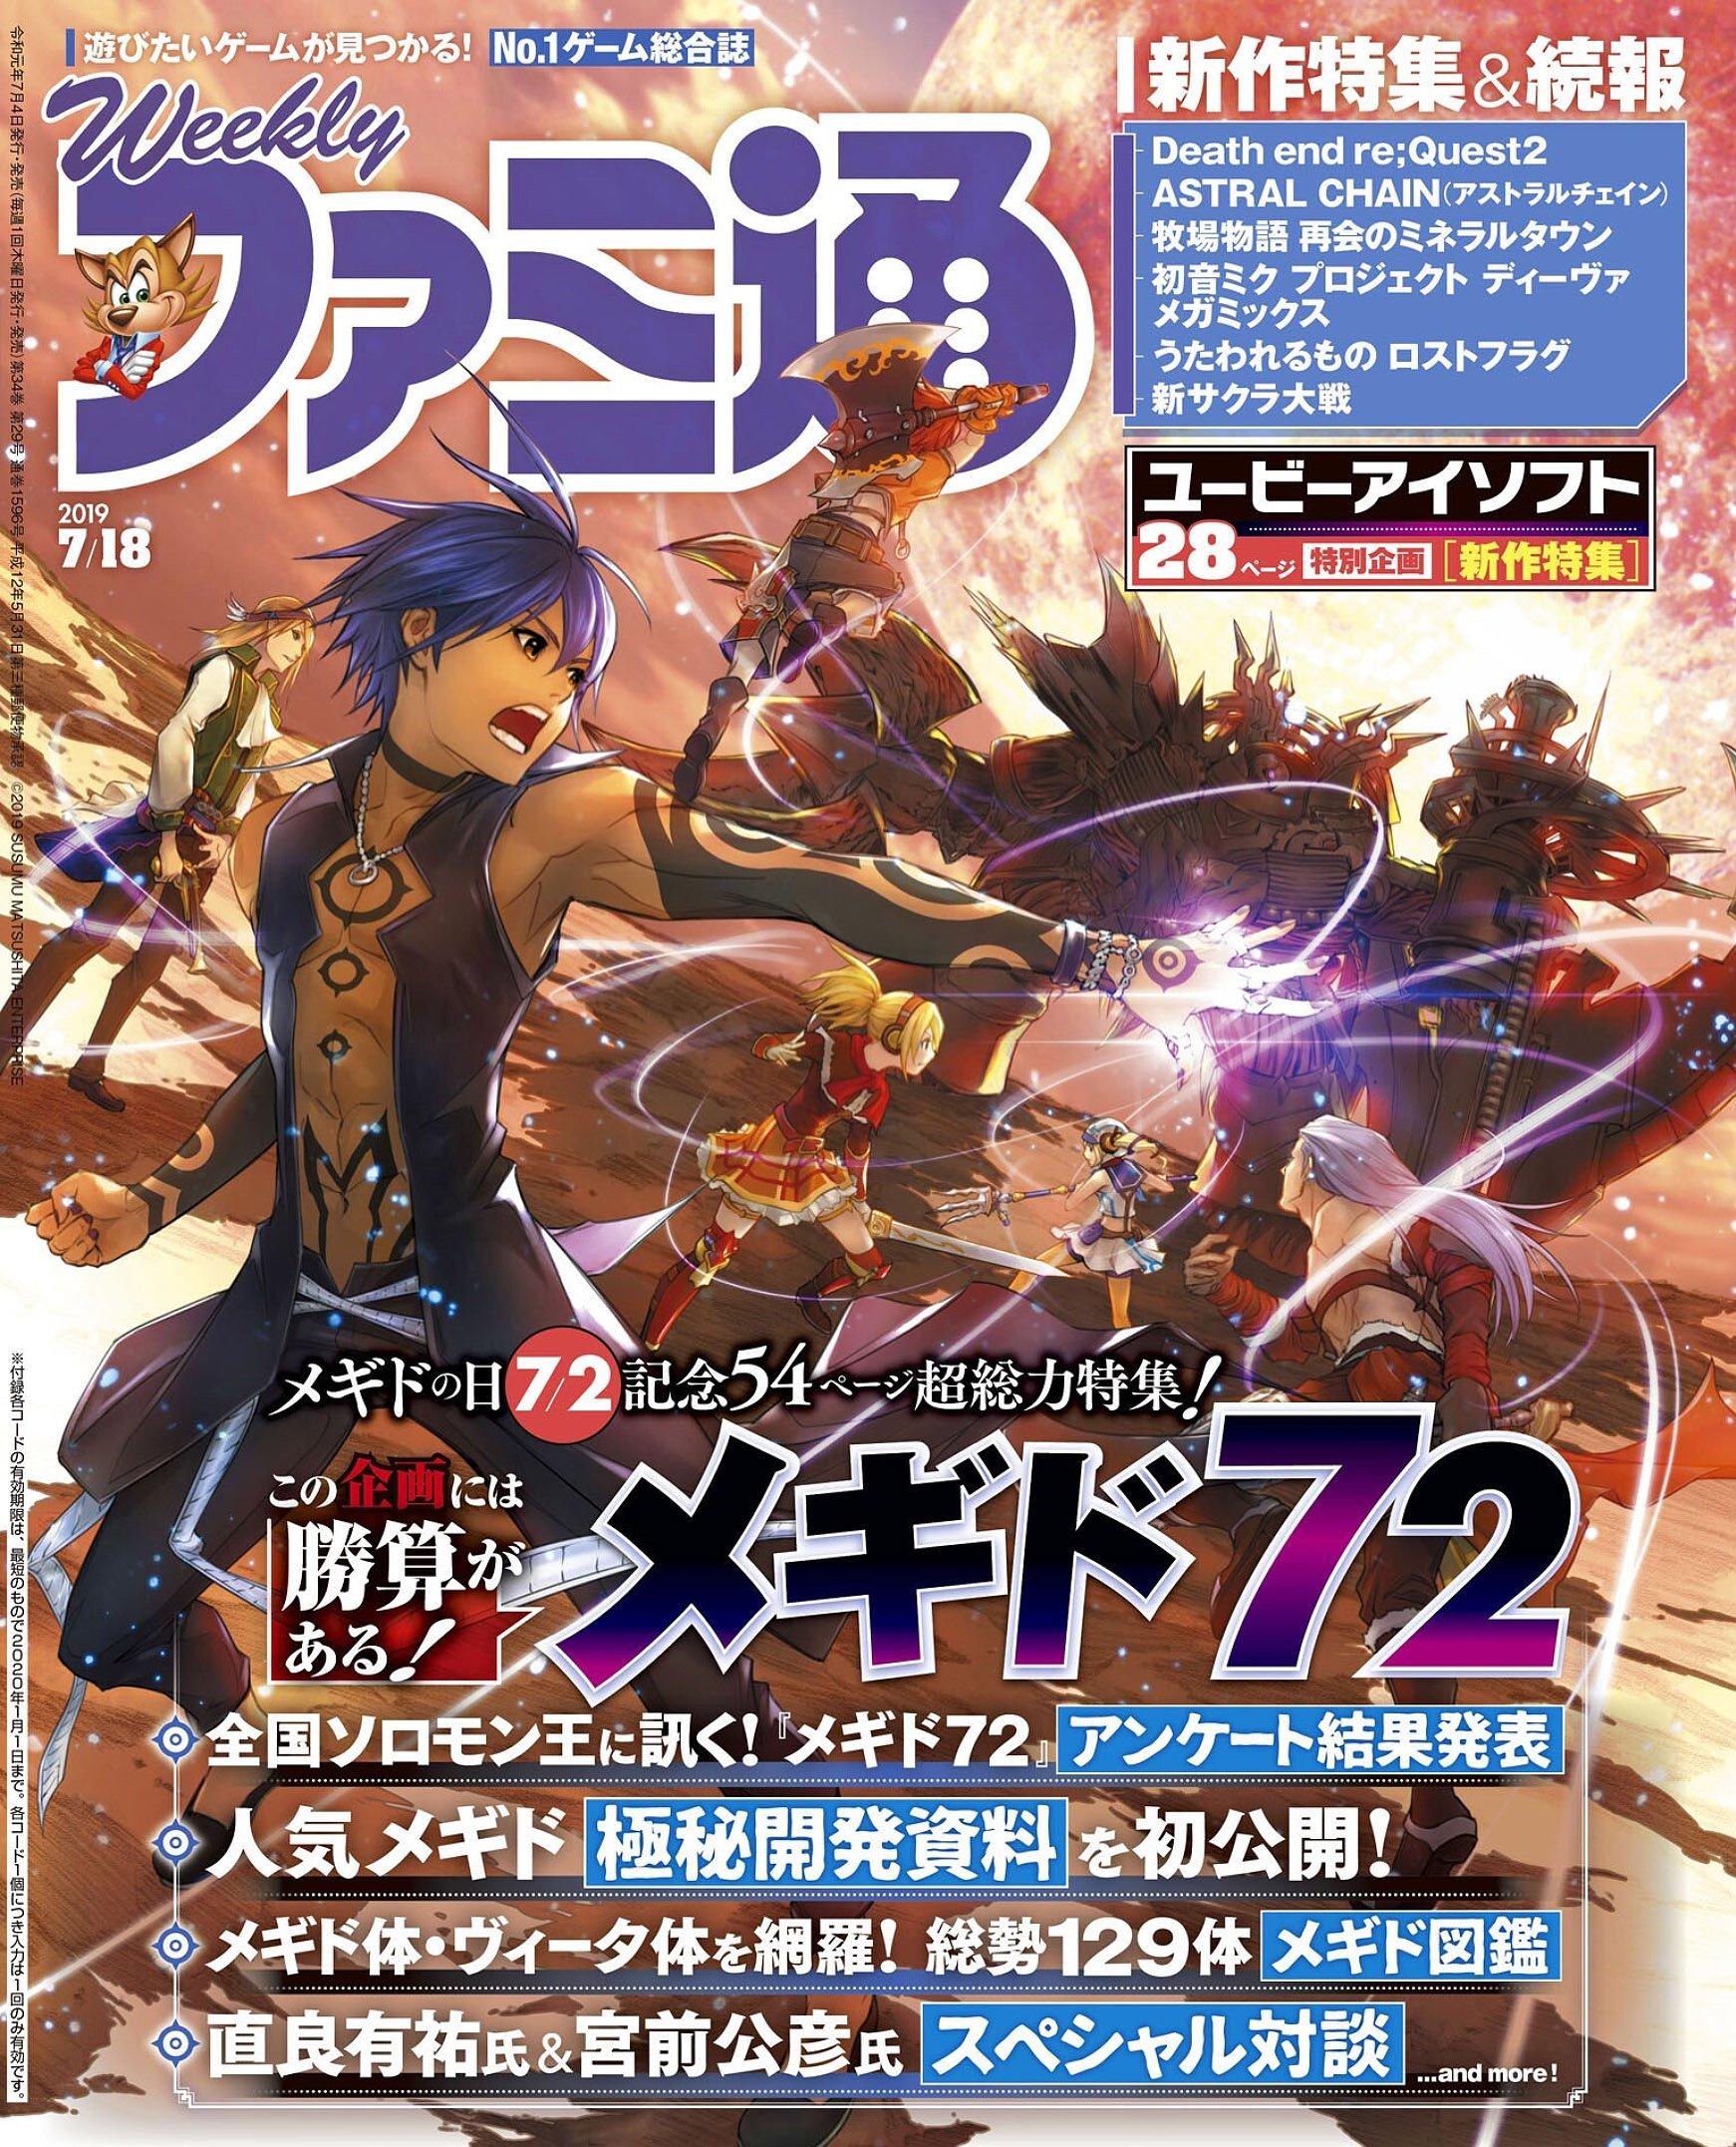 Famitsu 1596 (July 18, 2019)